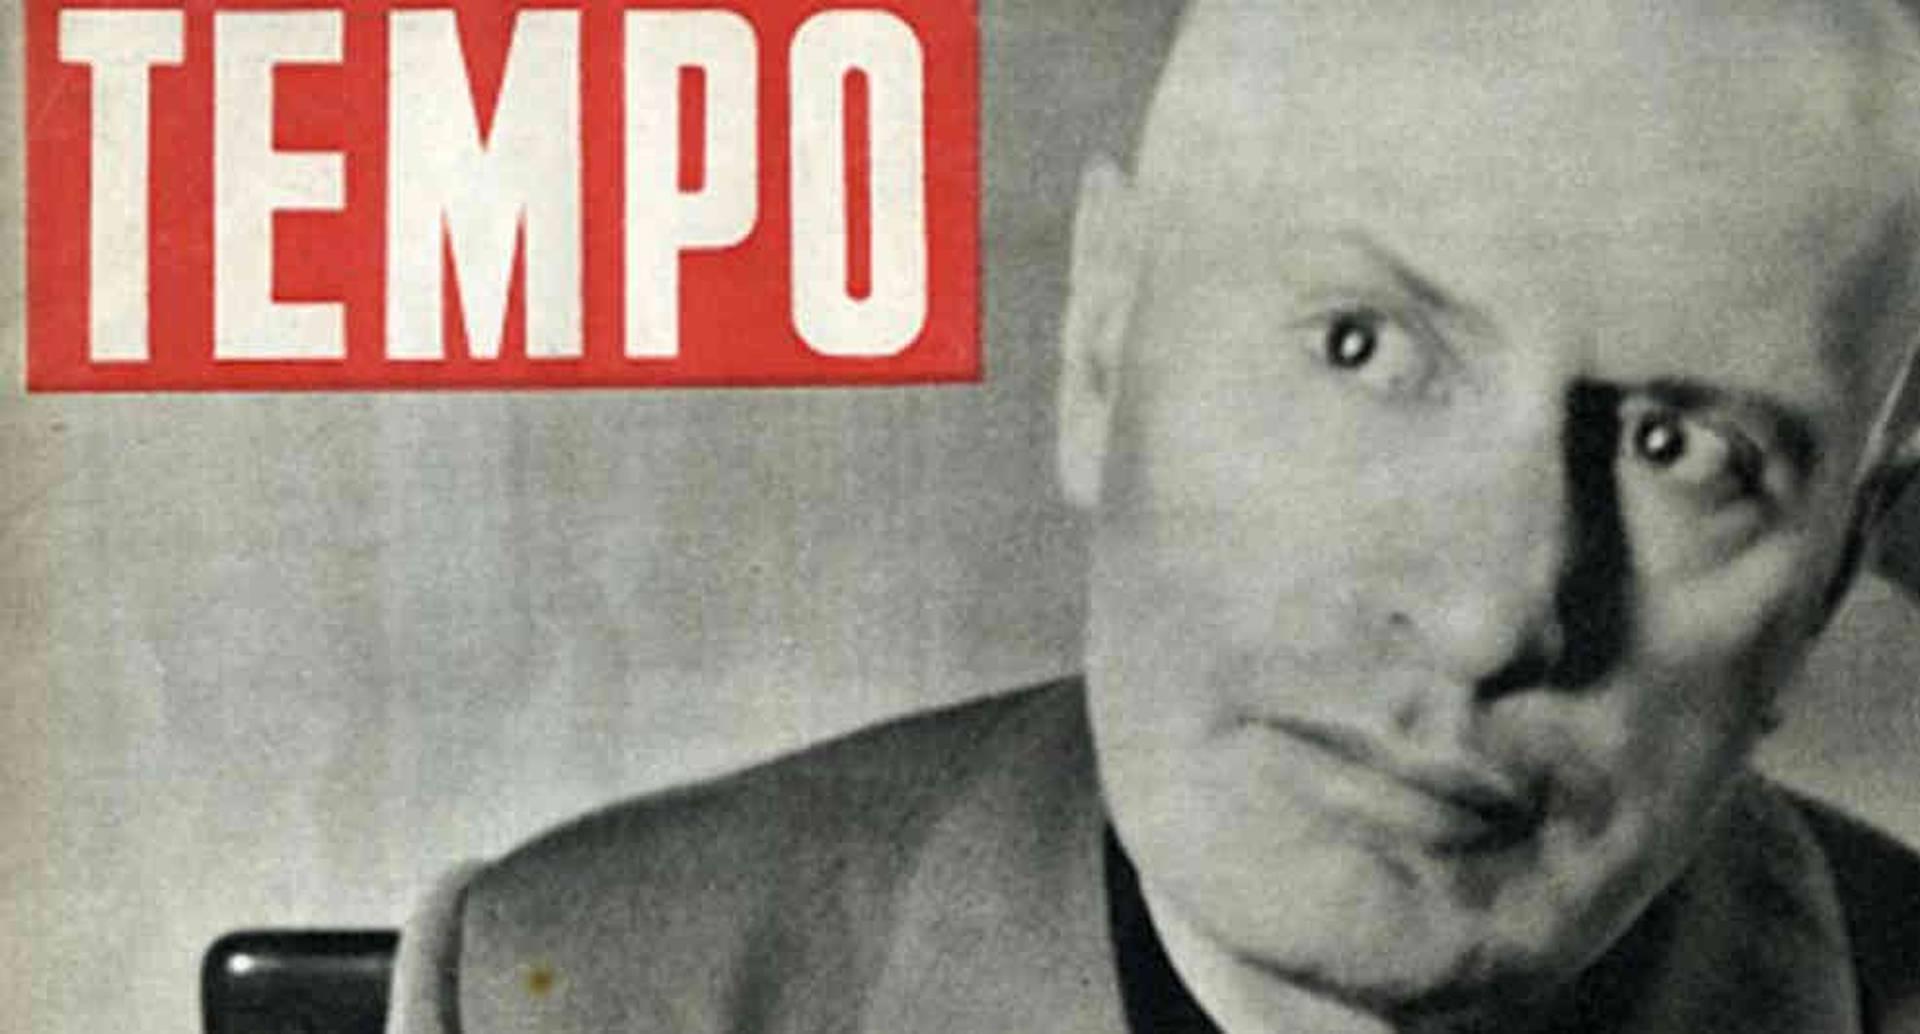 Benito Mussolini fue capturado por los partisanos el 27 de abril de 1945 cerca de la frontera entre Italia y Suiza y ejecutado al día siguiente.